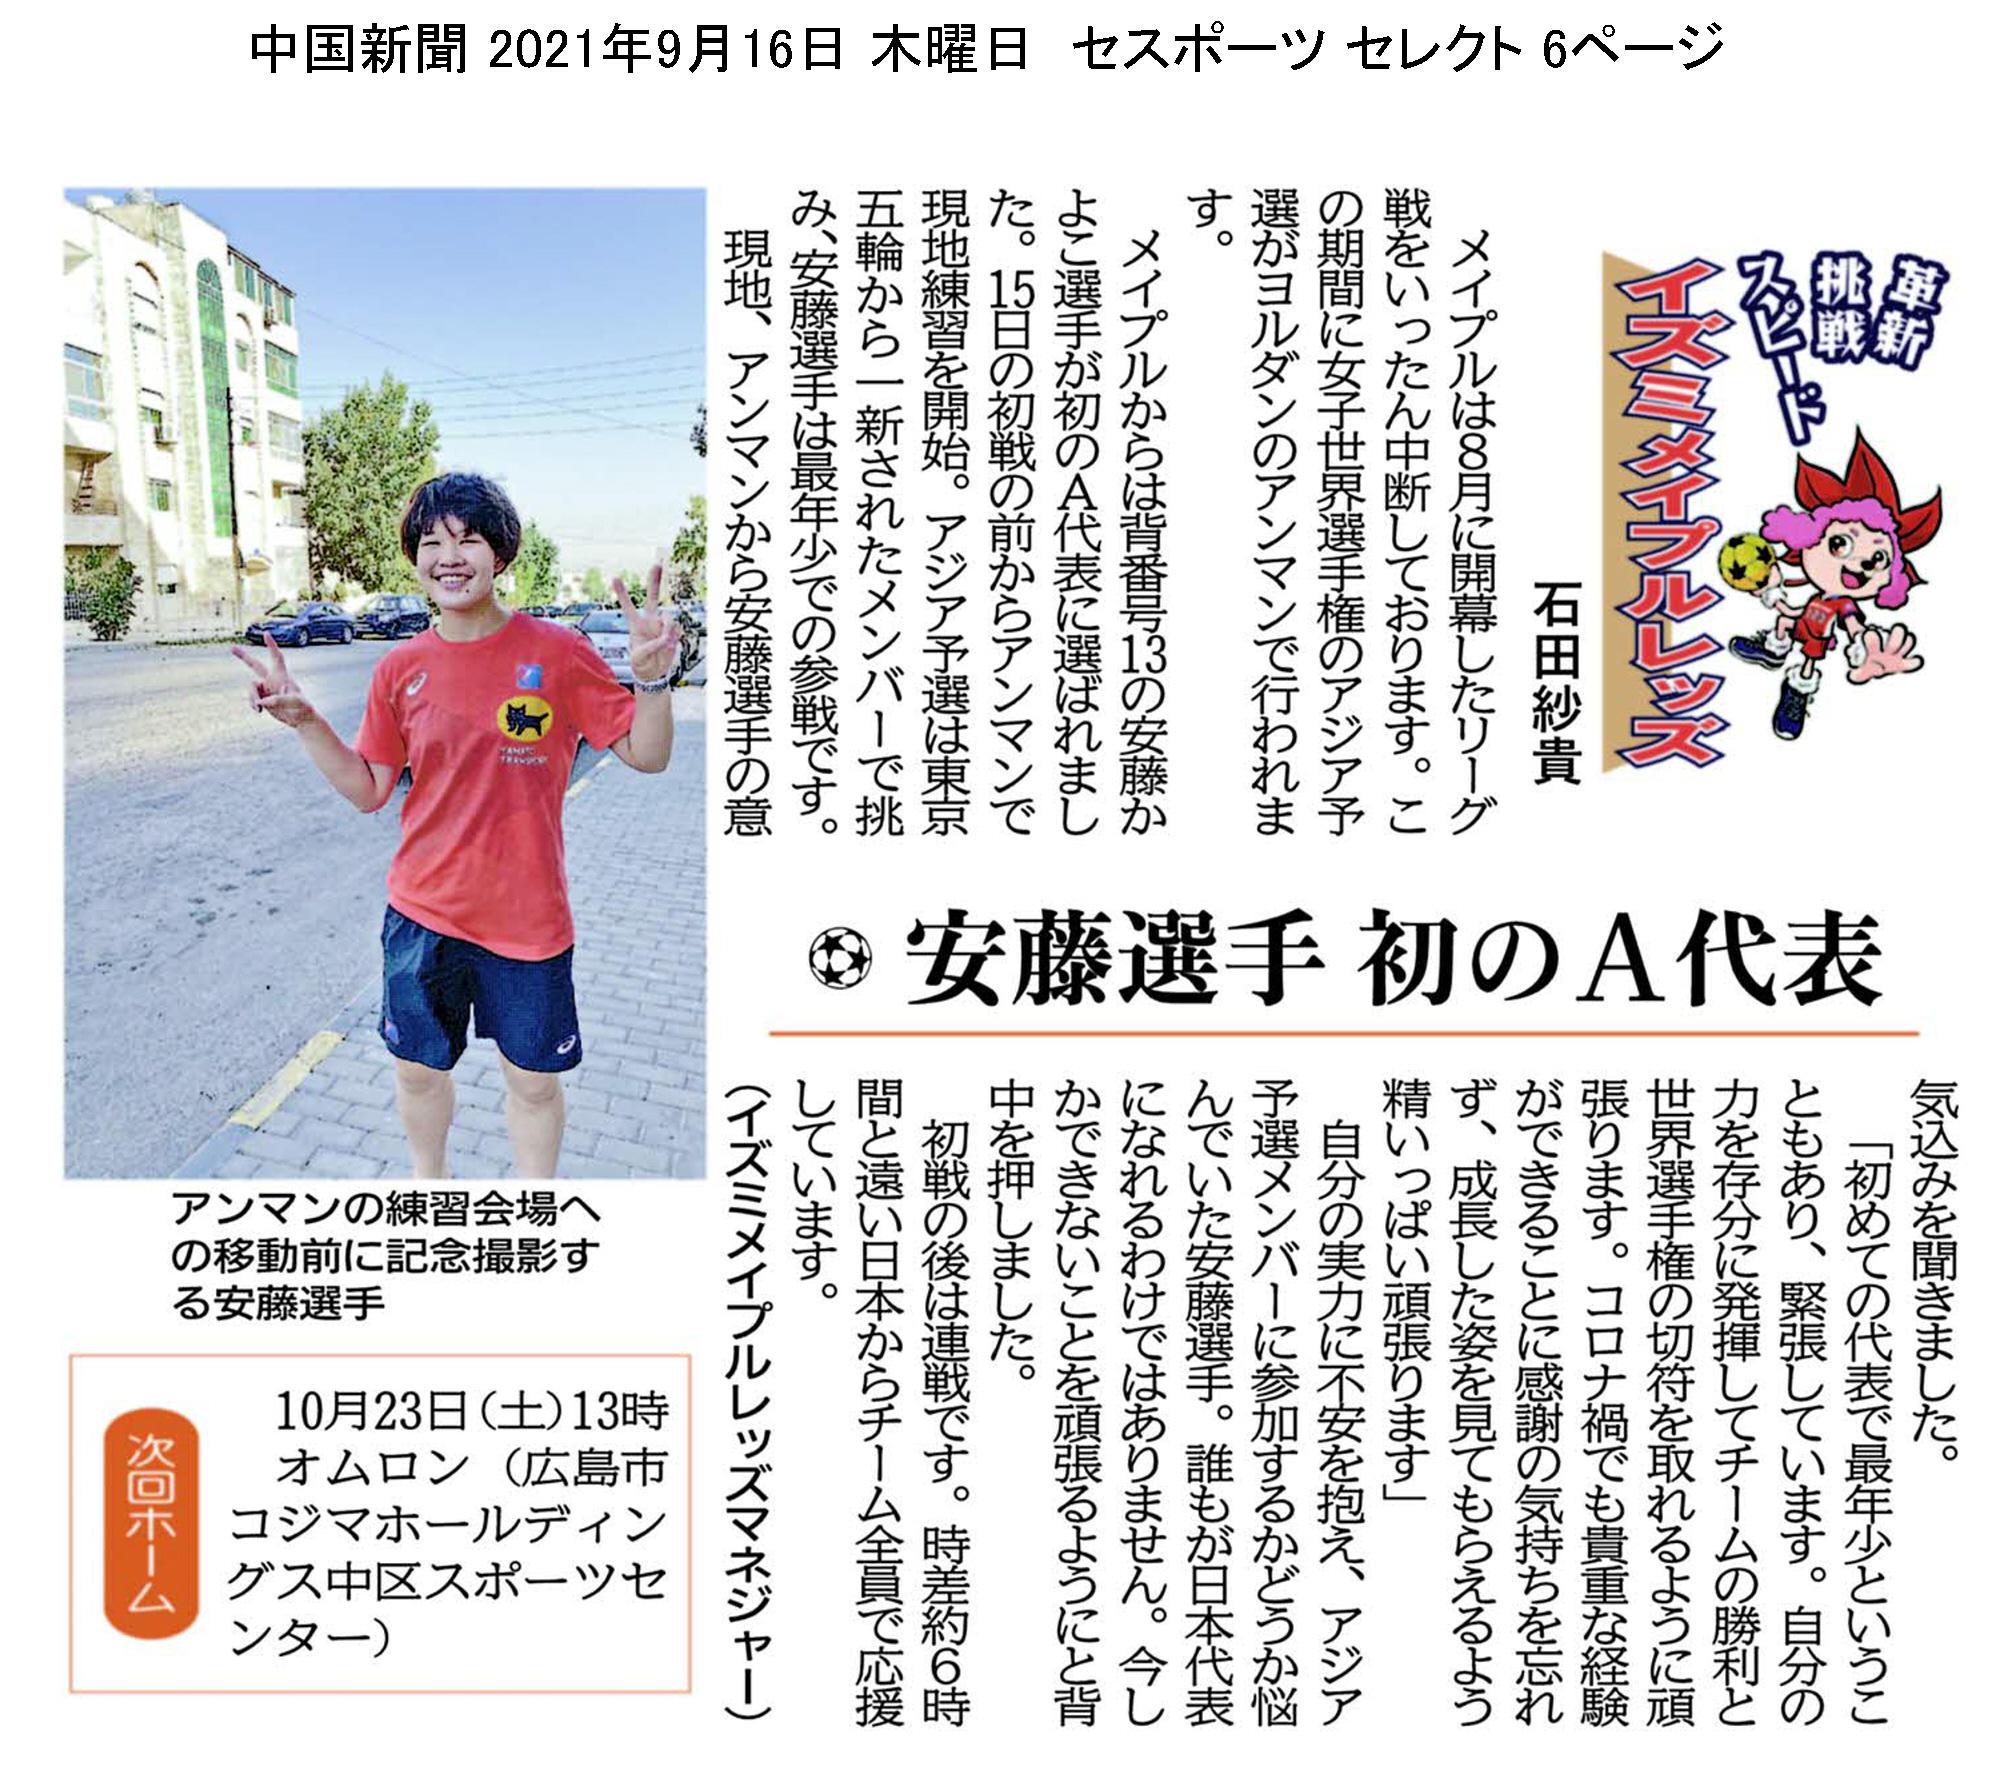 中国新聞セレクト版 イズミメイプルレッズコラム 2021年9月掲載分 イメージ